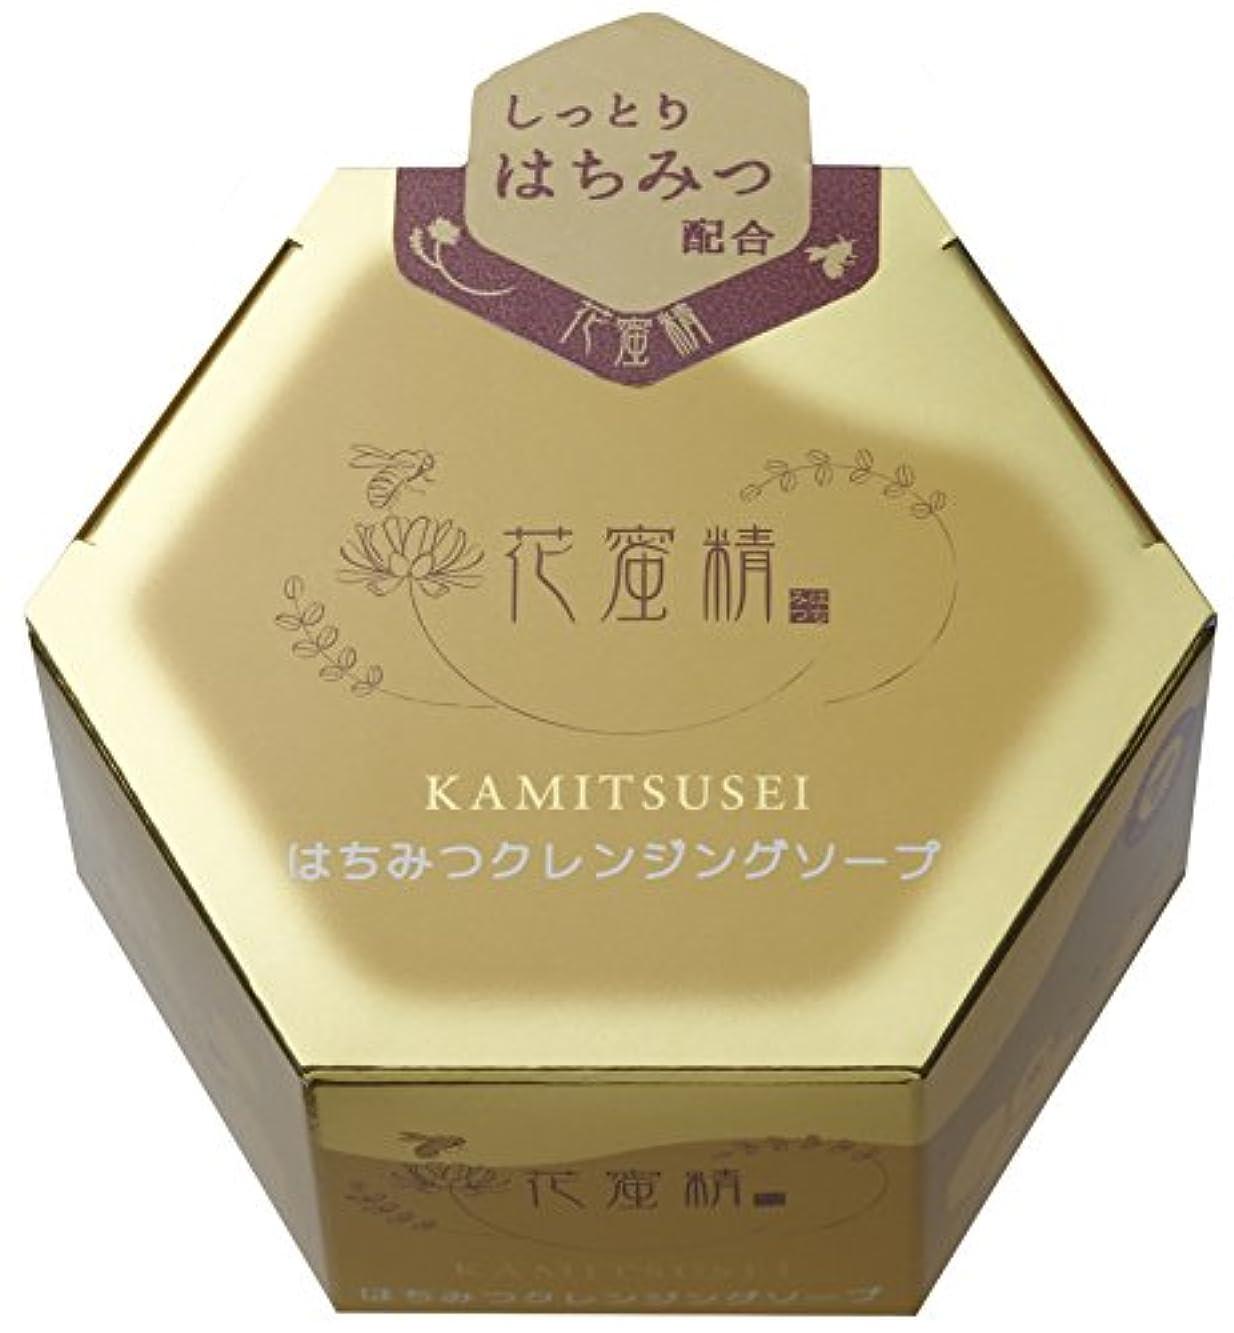 デザート罪連続した花蜜精 はちみつ クレンジングソープ 85g